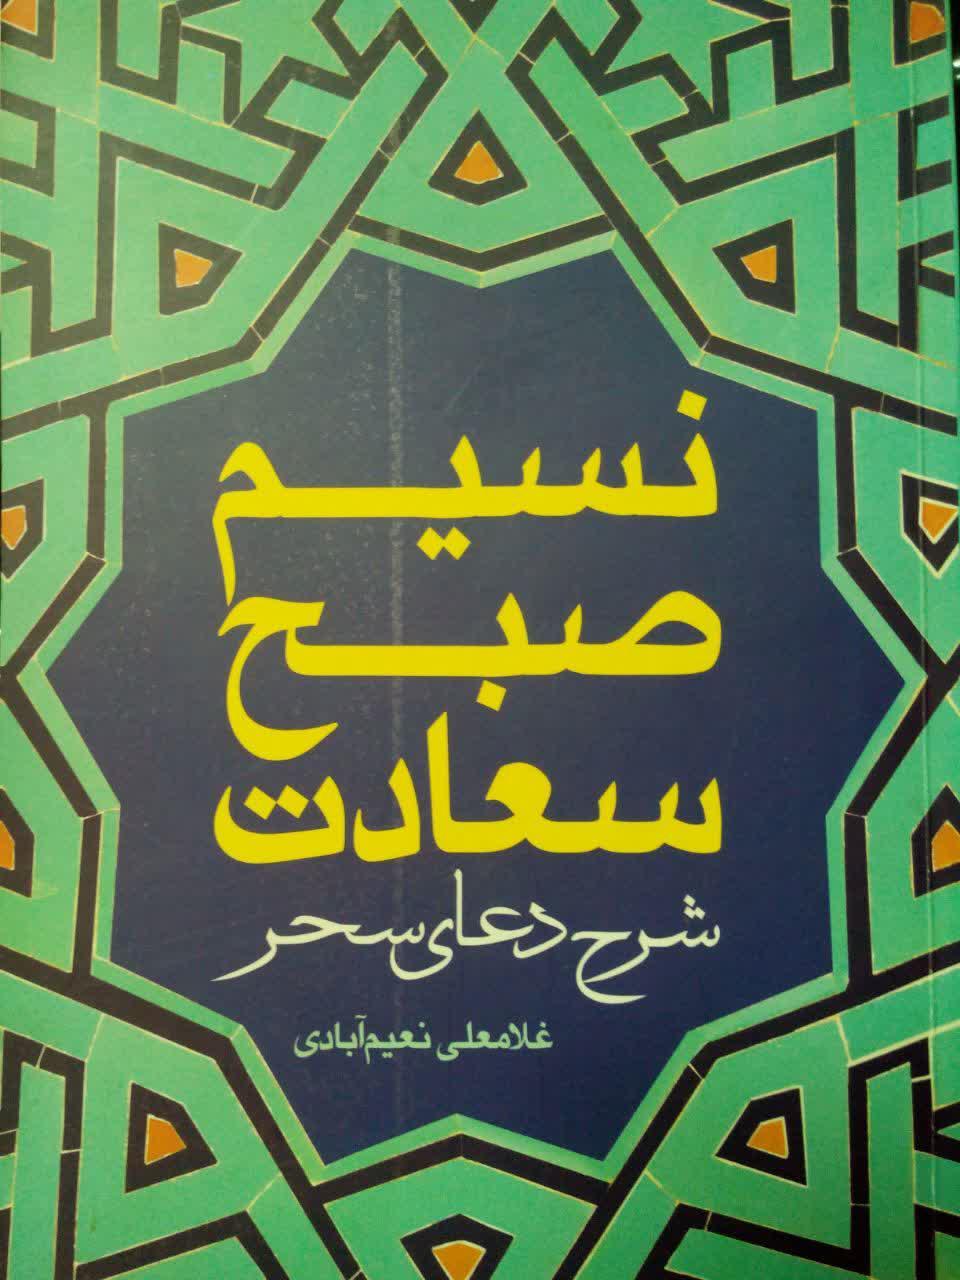 کتاب نسیم صبح سعادت ( شرح دعای سحر)